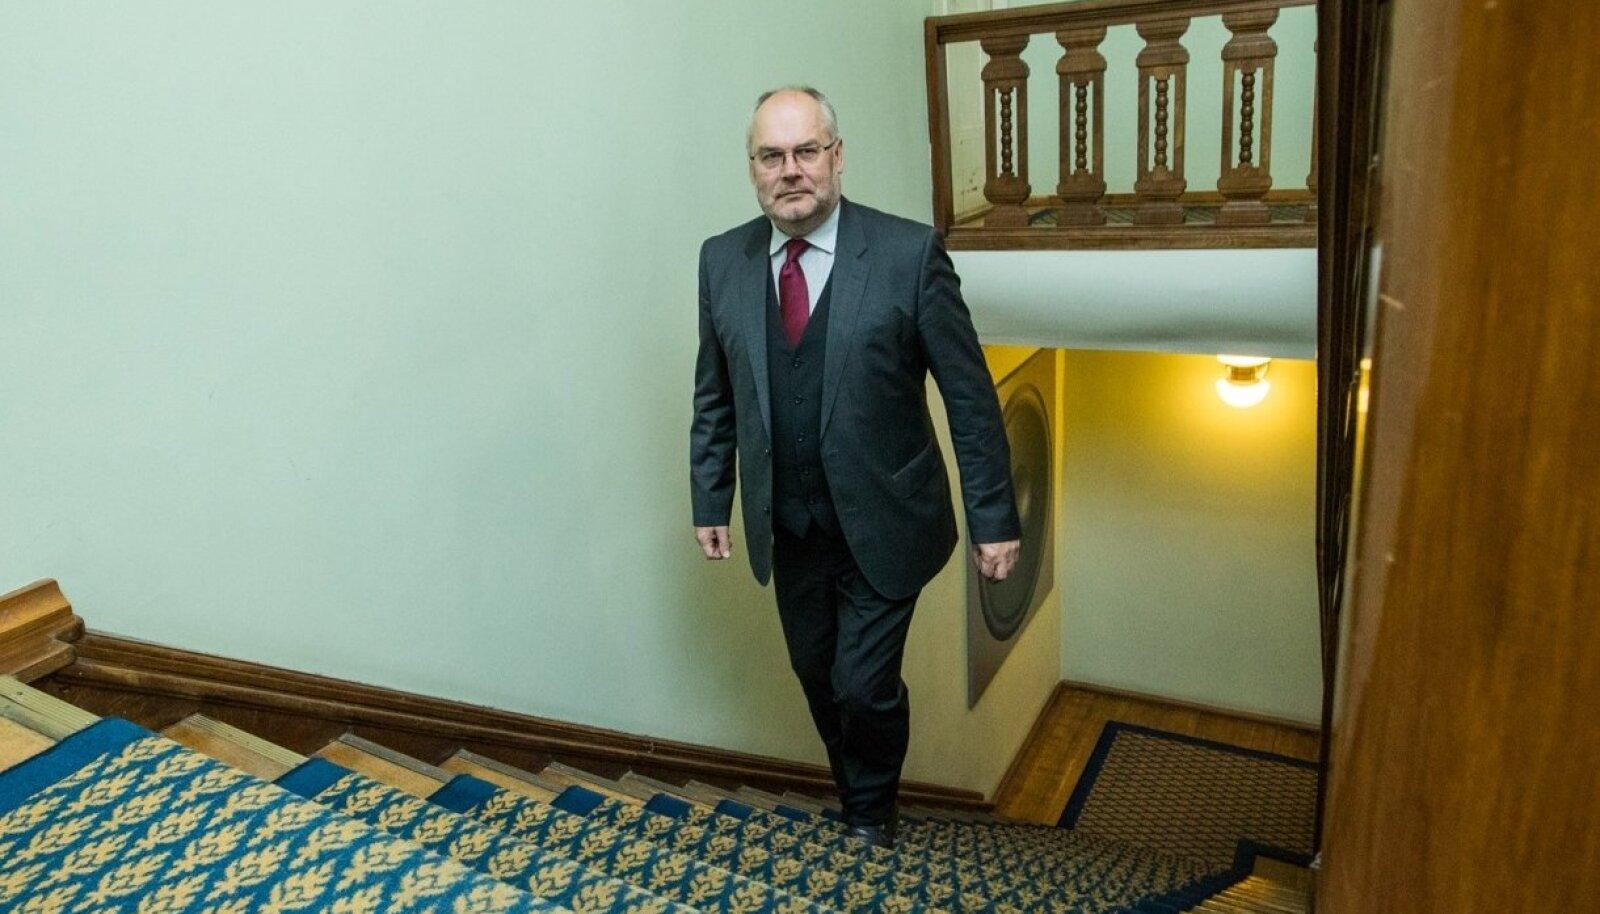 Eesti Rahva Muuseumi juhi valimine